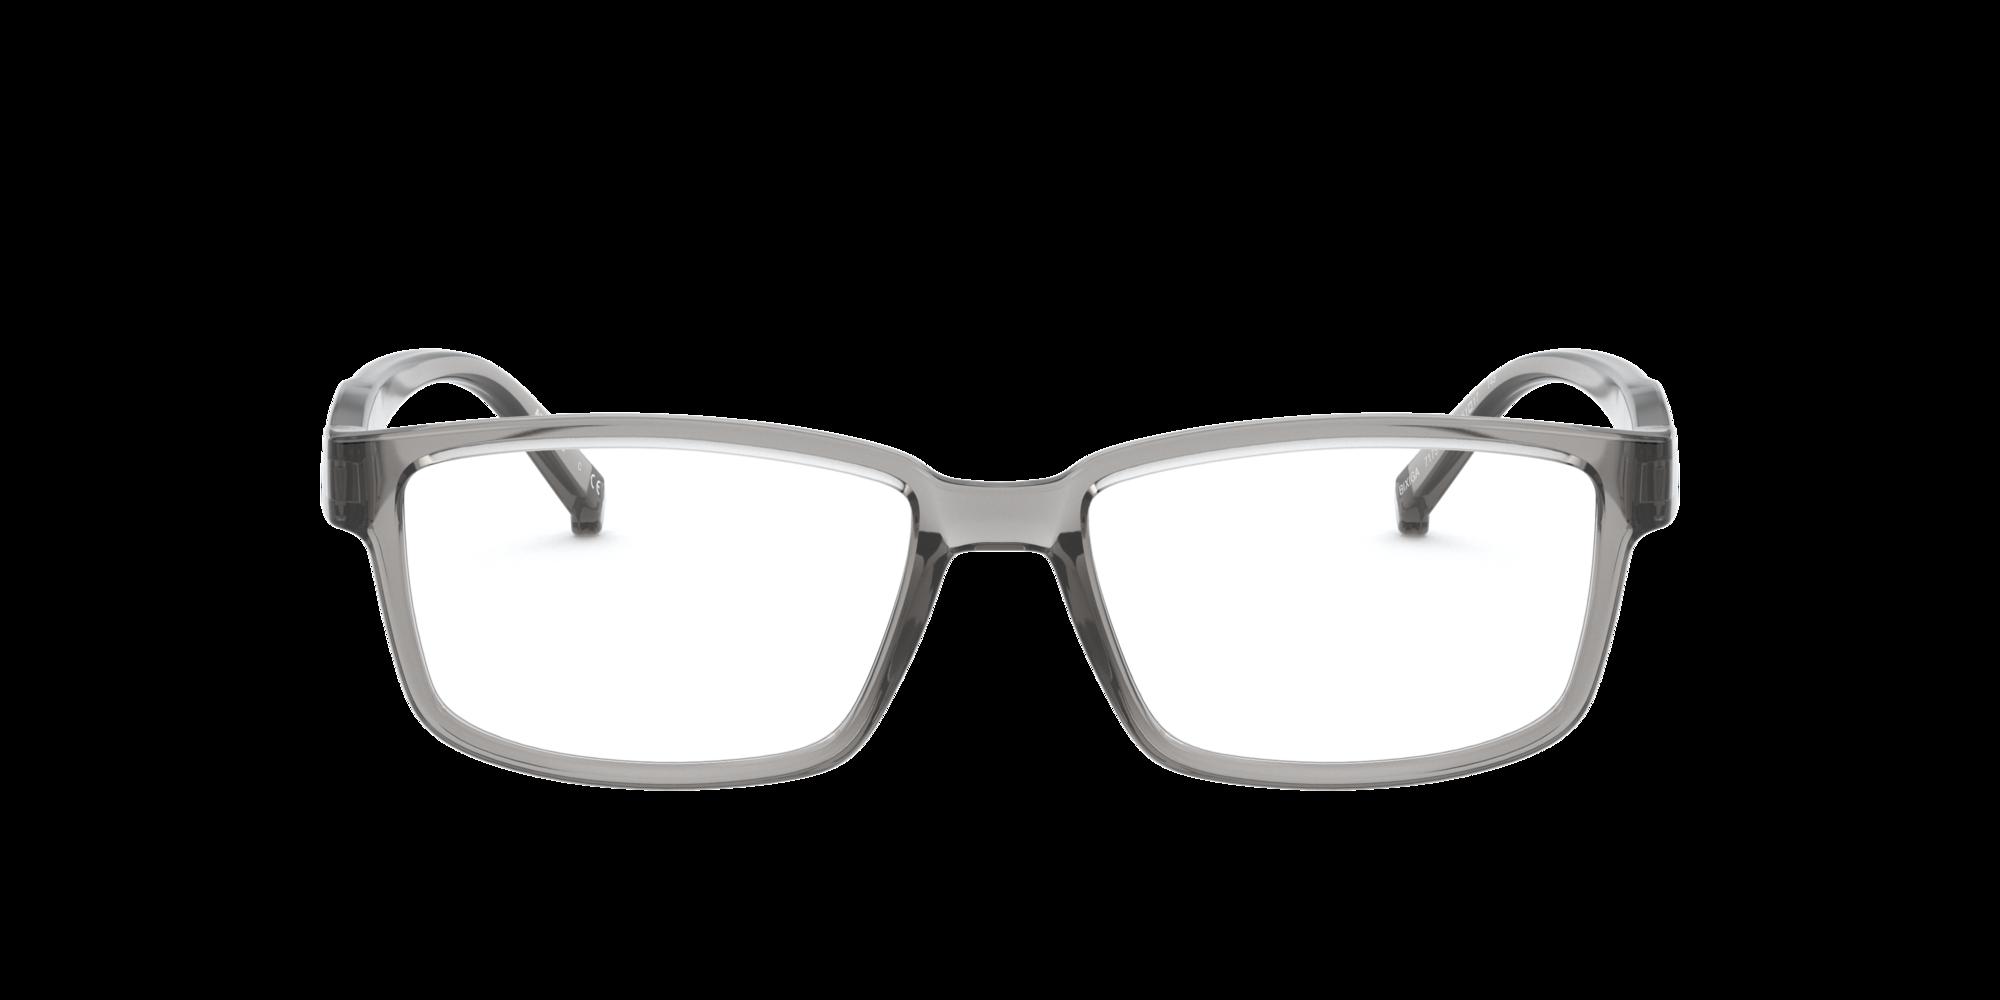 Imagen para AN7175 de LensCrafters    Espejuelos, espejuelos graduados en línea, gafas